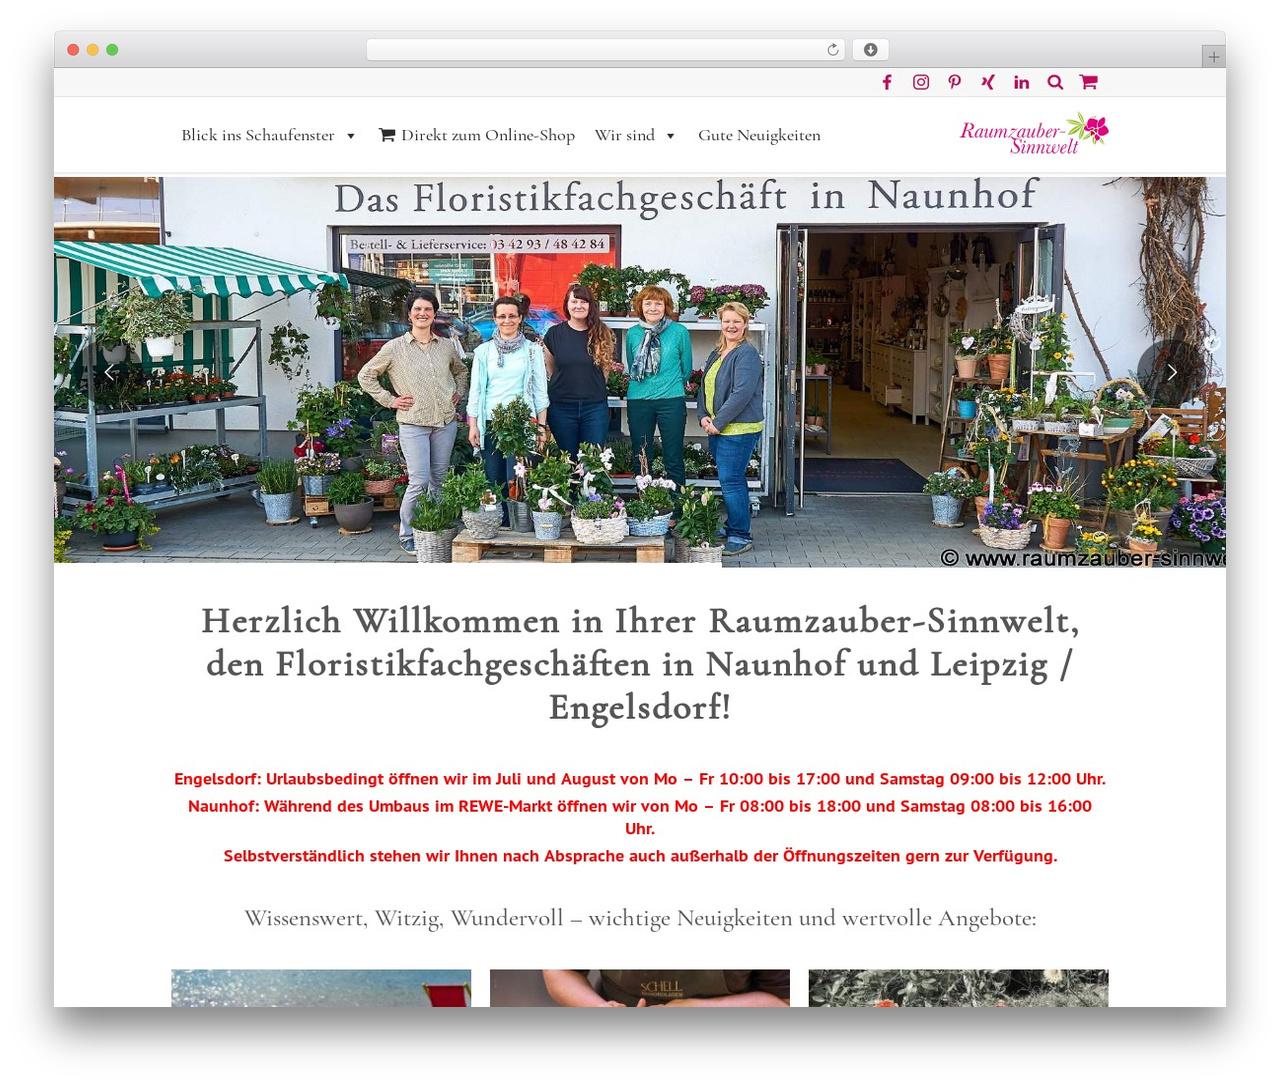 WordPress theme Lounge - raumzauber-sinnwelt.de